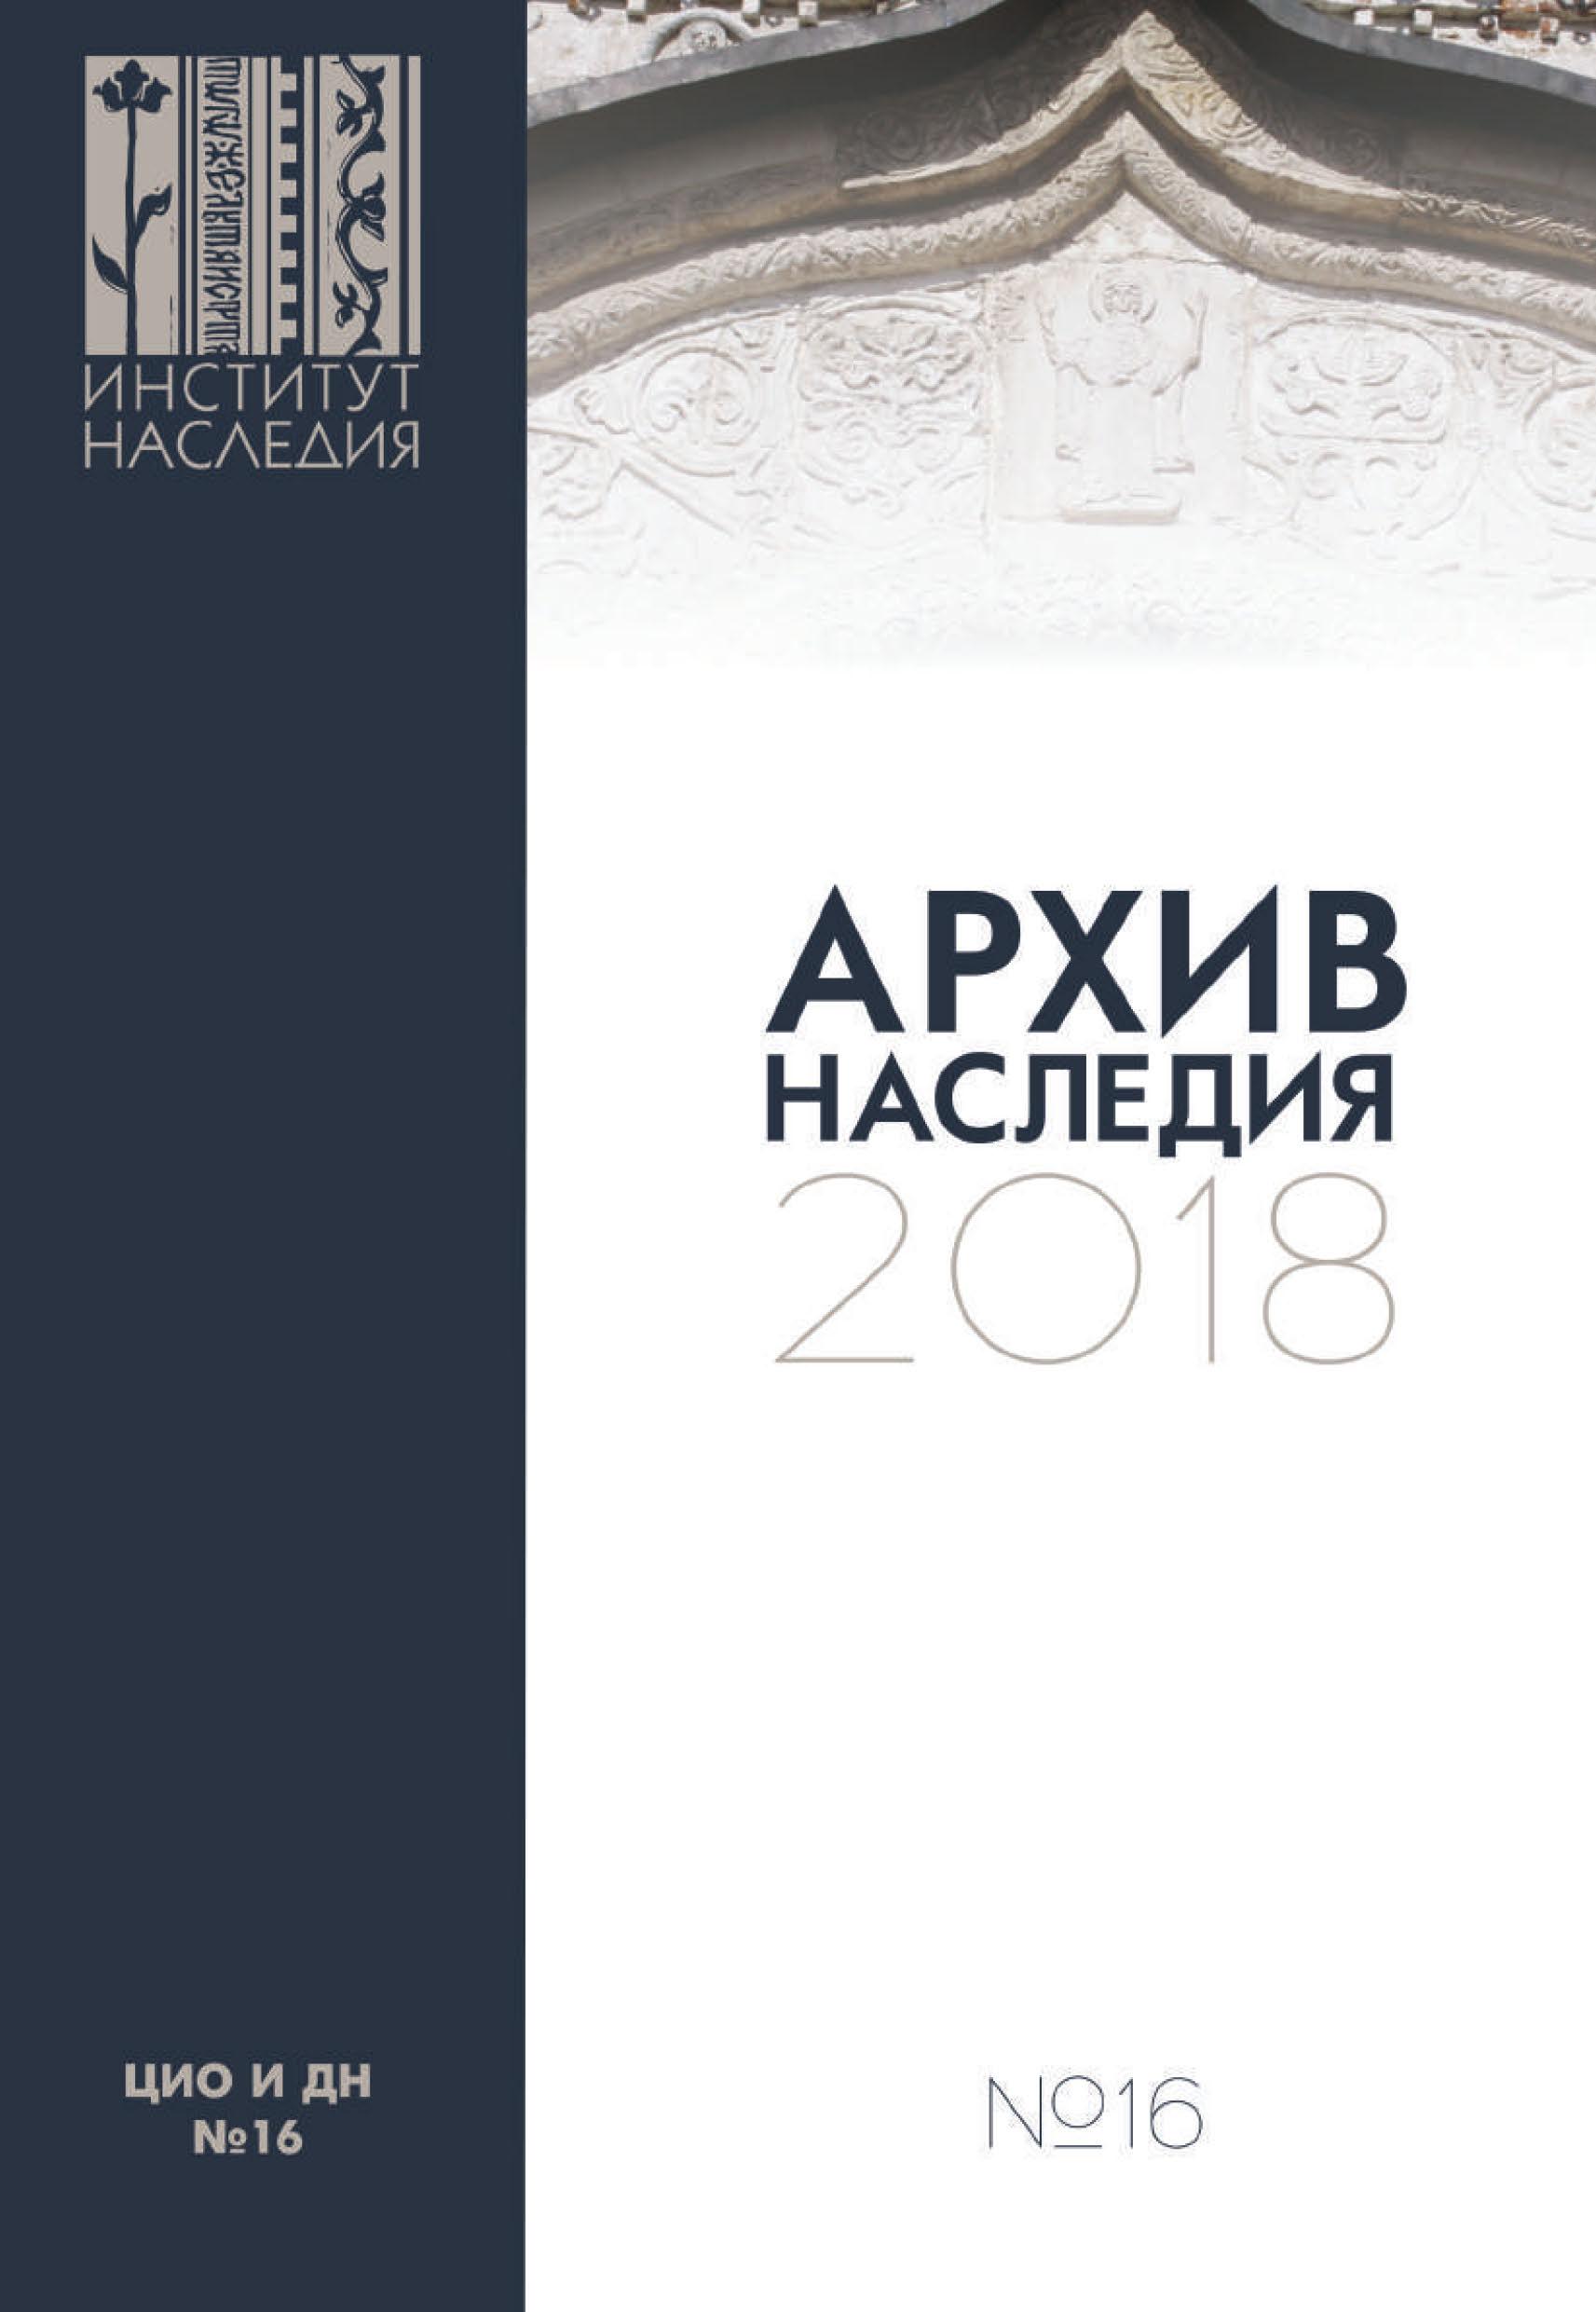 Архив наследия 2018. Выпуск 16